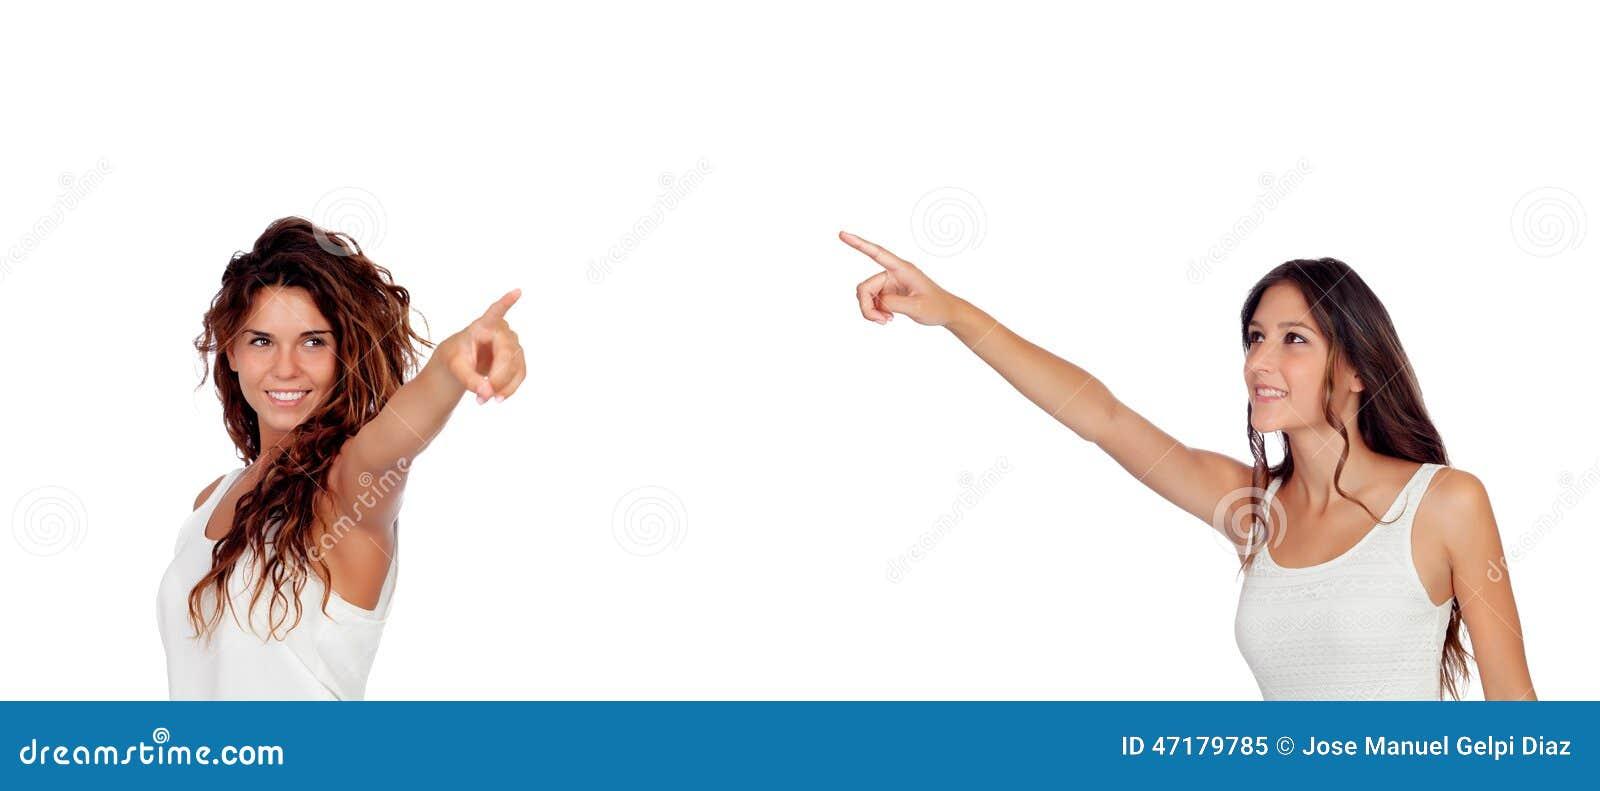 Deux jeunes jolies filles indiquant quelque chose